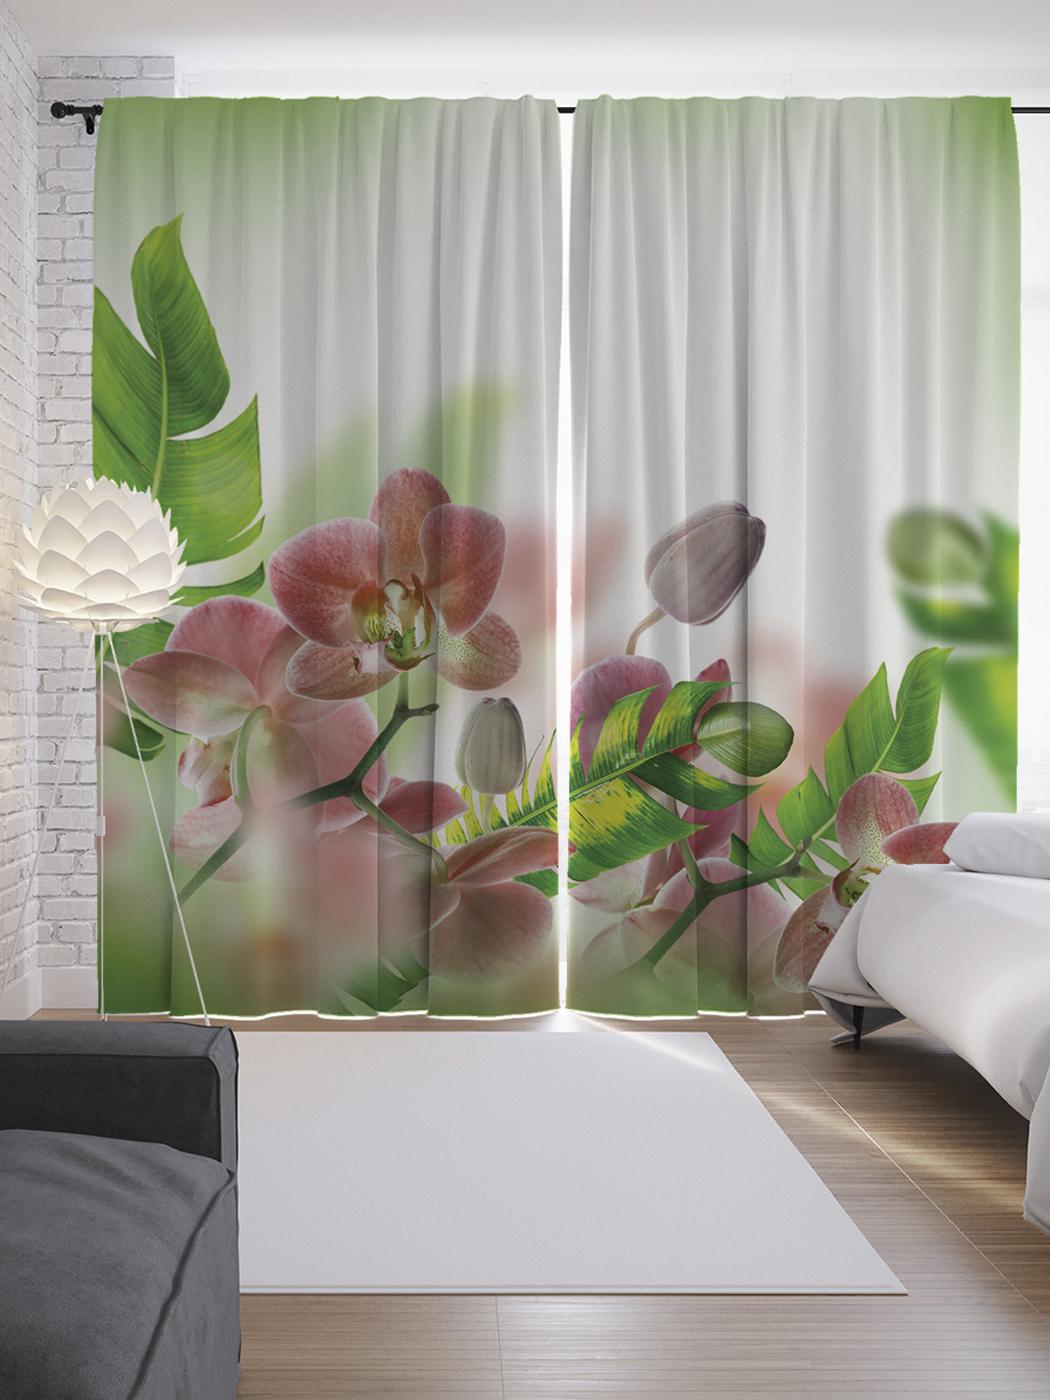 фотопечать цветы на шторах каталог страница картинки открытки